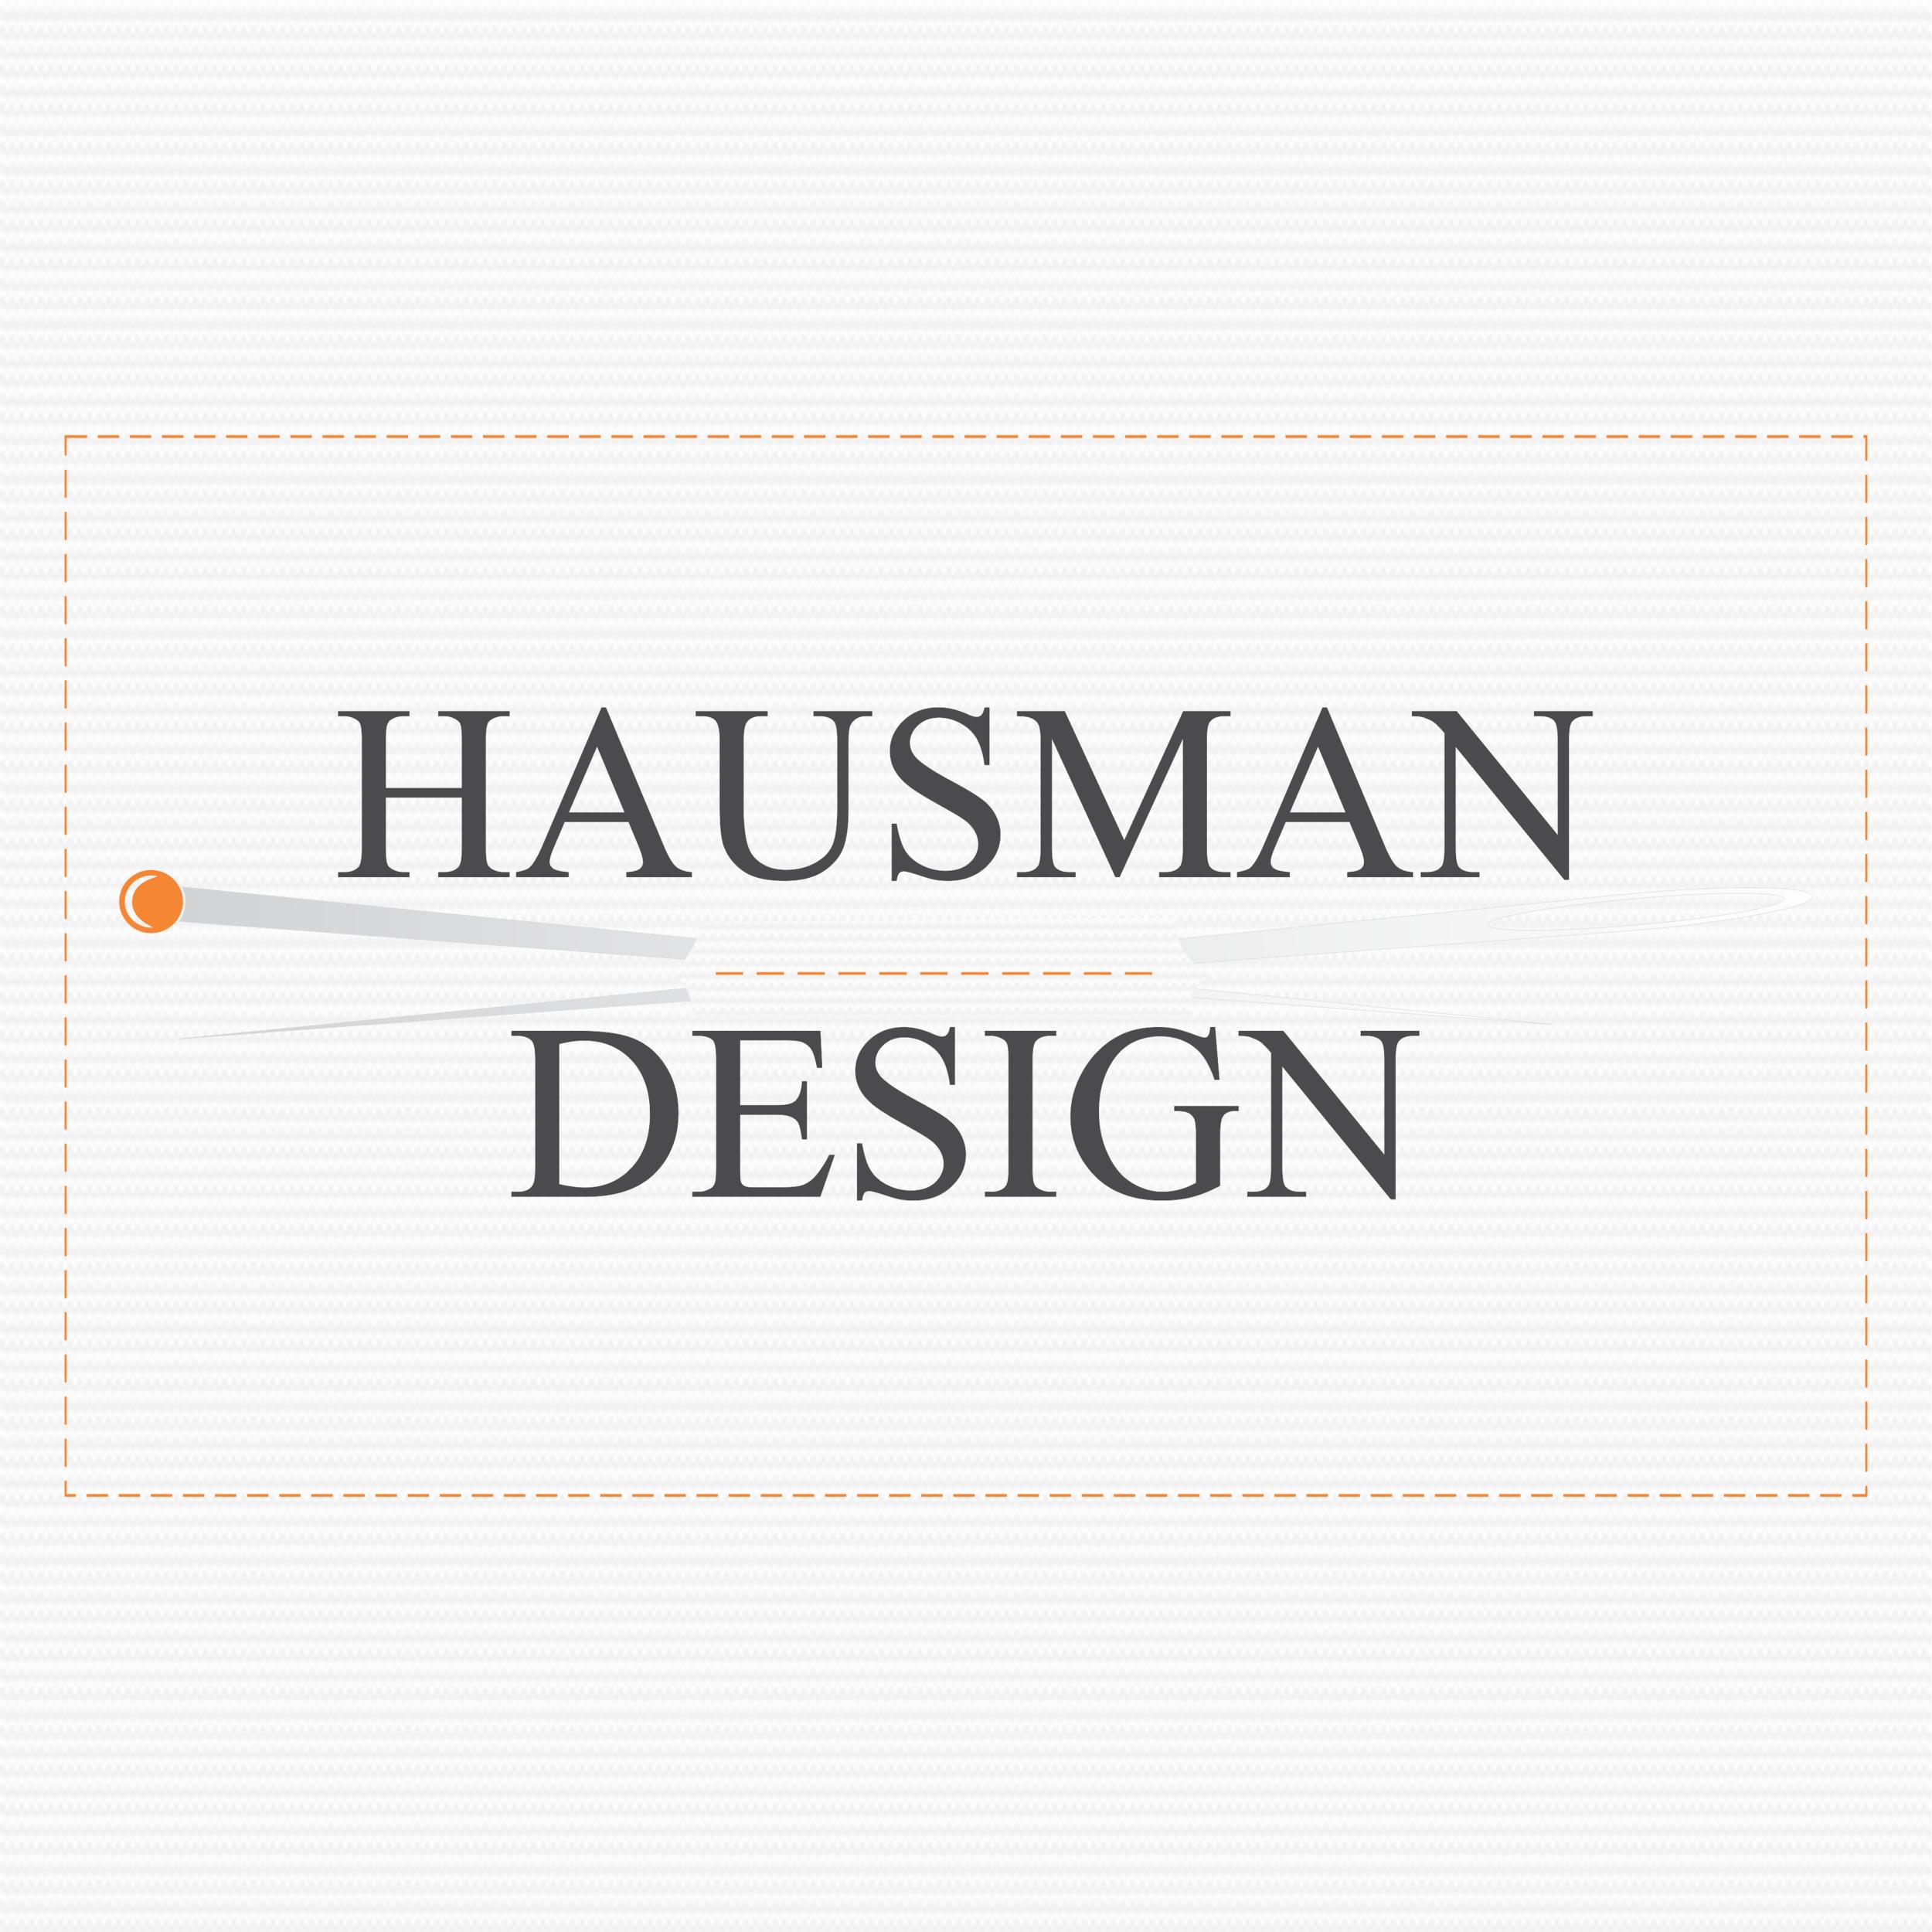 Hausman Design.png